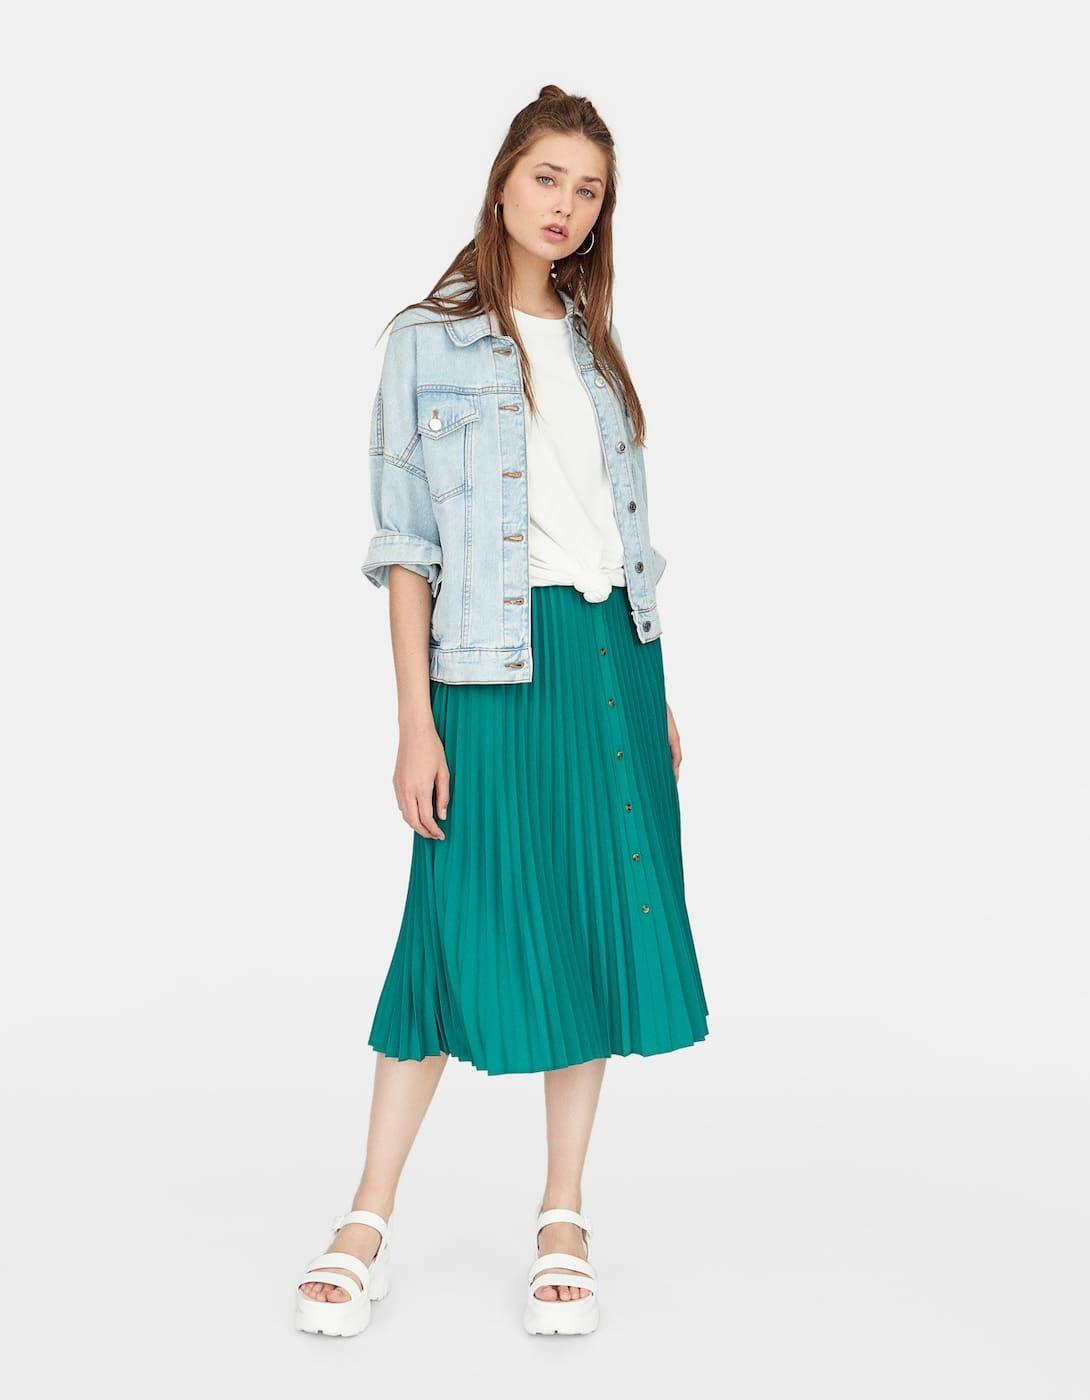 Falda plisada | Oufits en 2019 | Faldas plisadas, Falda